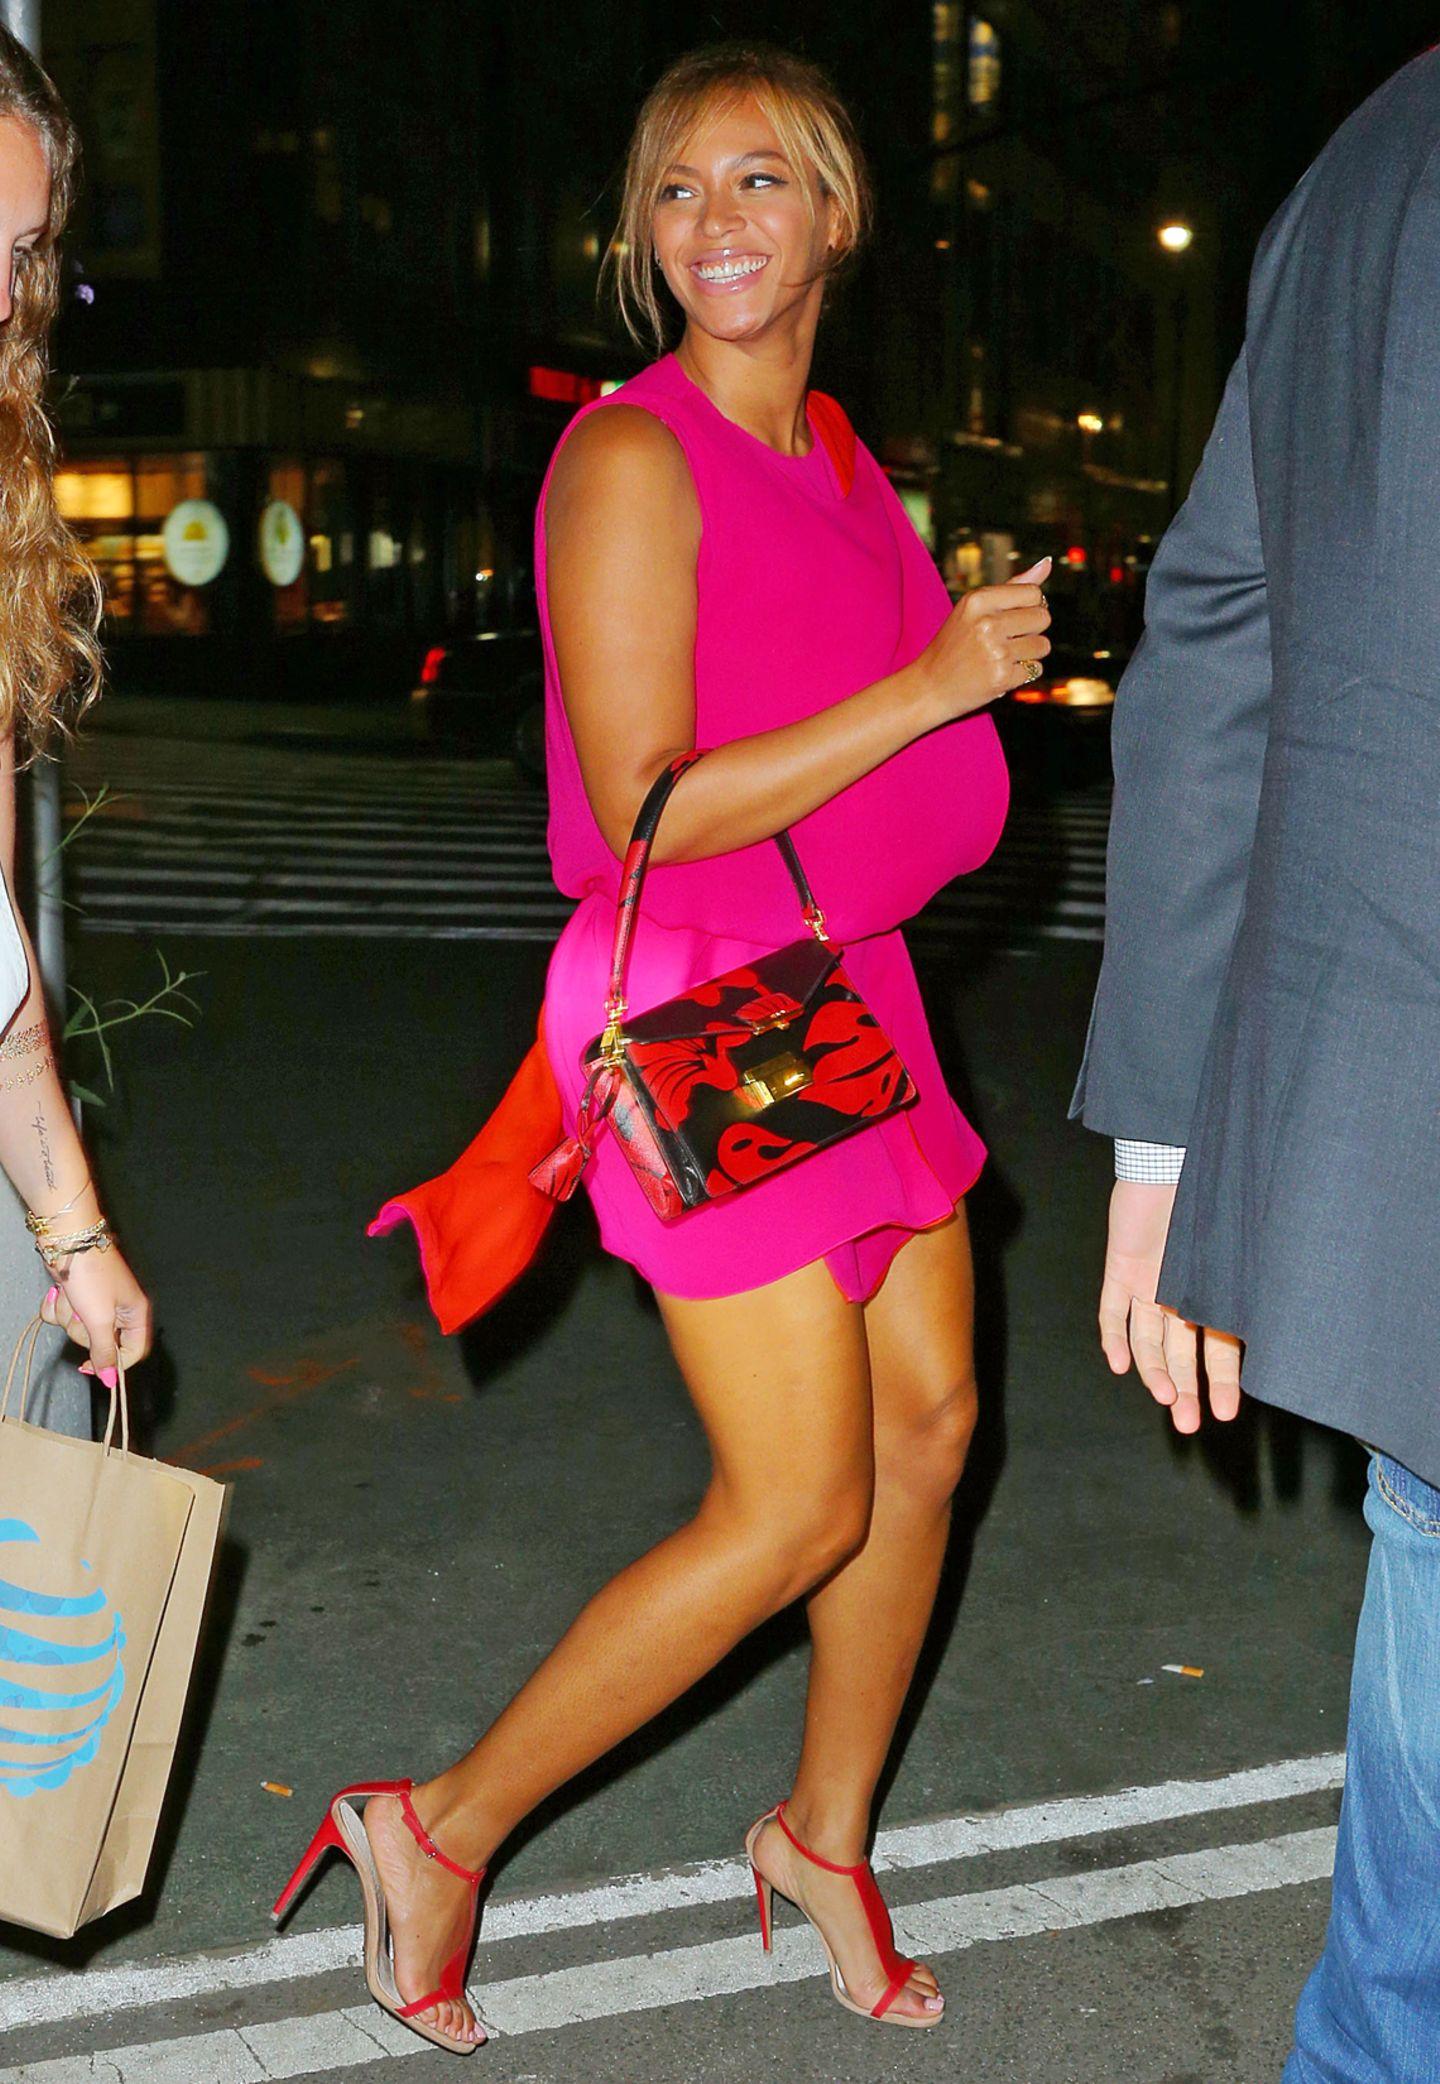 Pop-Diva Beyoncé Knowles hat gut lachen: Ihre Beine sind wohlgeformt und dank regelmäßigen Trainings straff und definiert.  Tipp 4:  Gerade im Job stehen wir ständig auf und setzen uns wieder hin. Machen Sie dies bewusst. Lassen Sie die Fersen am Boden, schieben Sie die Knie weit auseinander und ziehen Sie den Bauchnabel nach innen. Holen Sie keinen Schwung sondern nutzen Sie Ihre Beine zum Aufstehen.